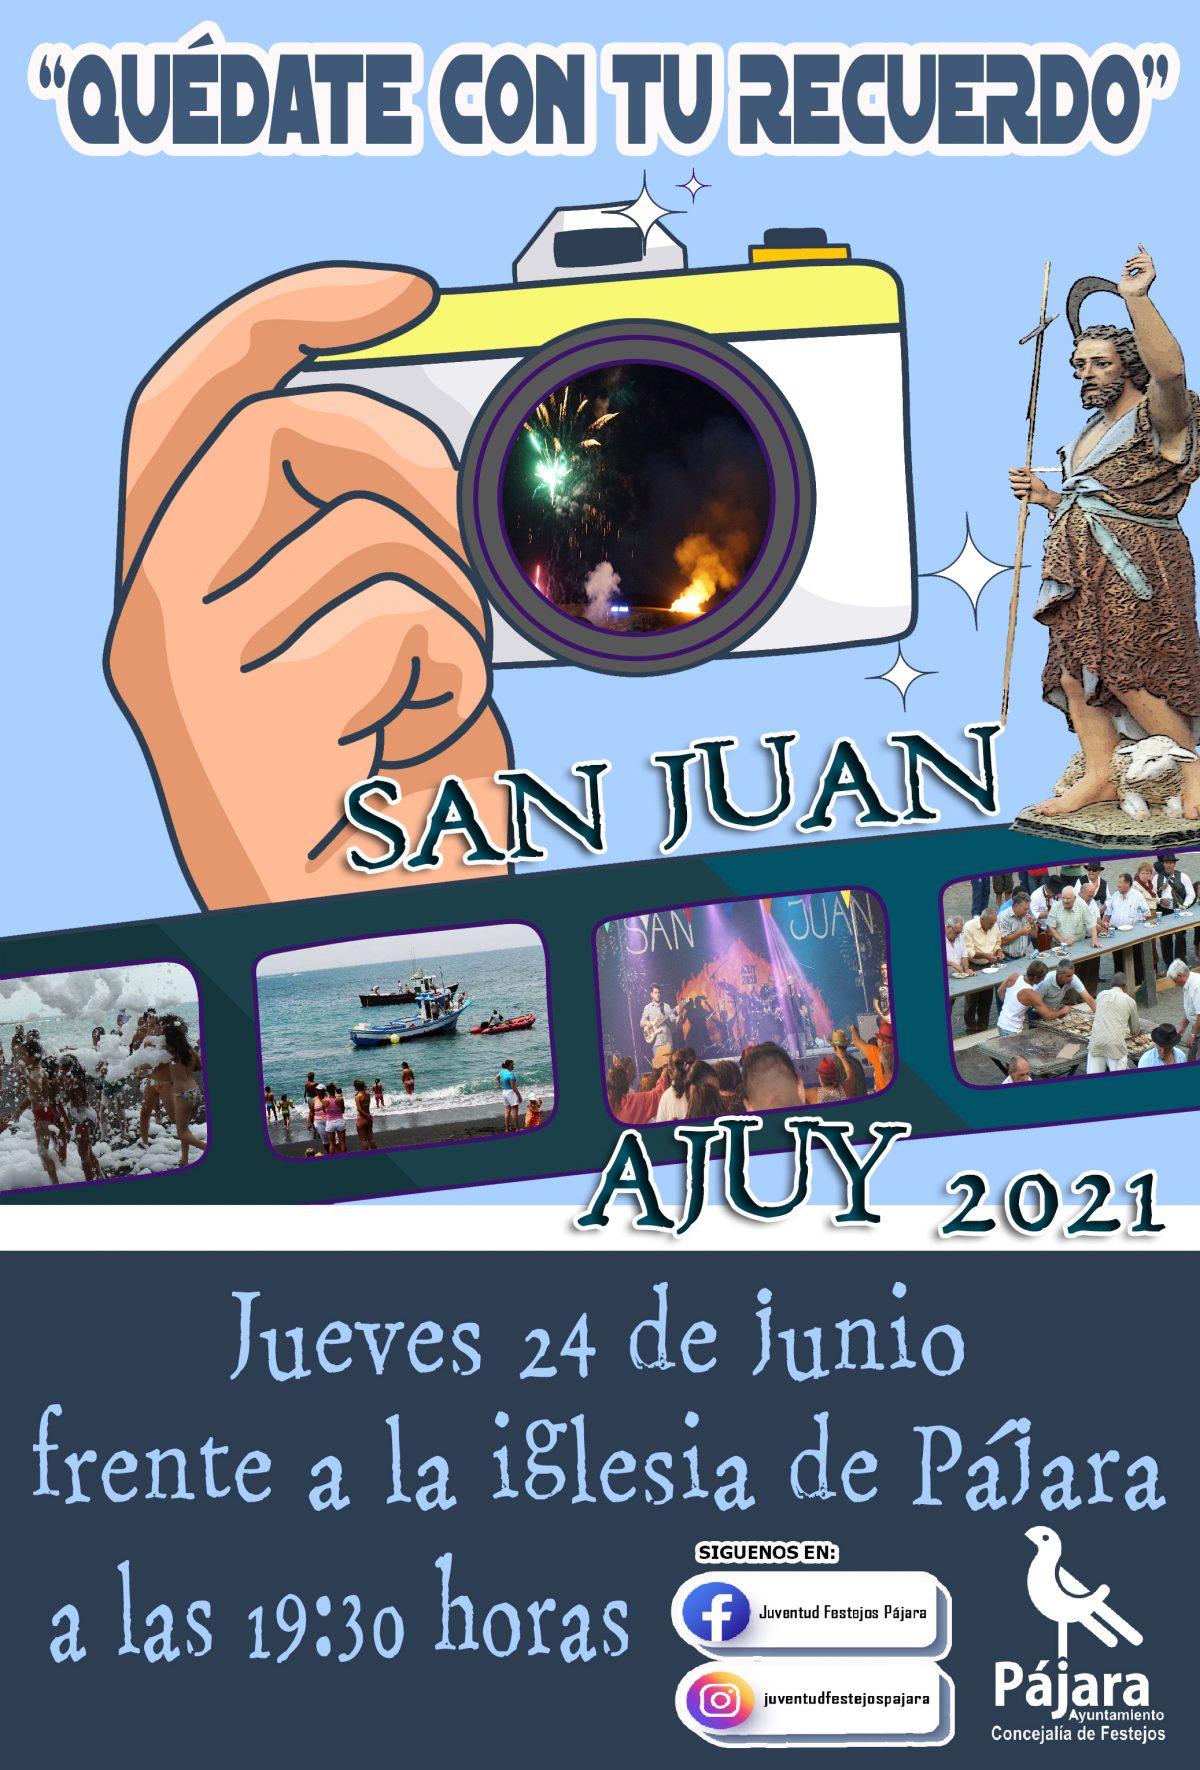 'Pronto volveremos a lo nuestro', vídeo de la conmemoración de las fiestas de San Juan, en Ajuy